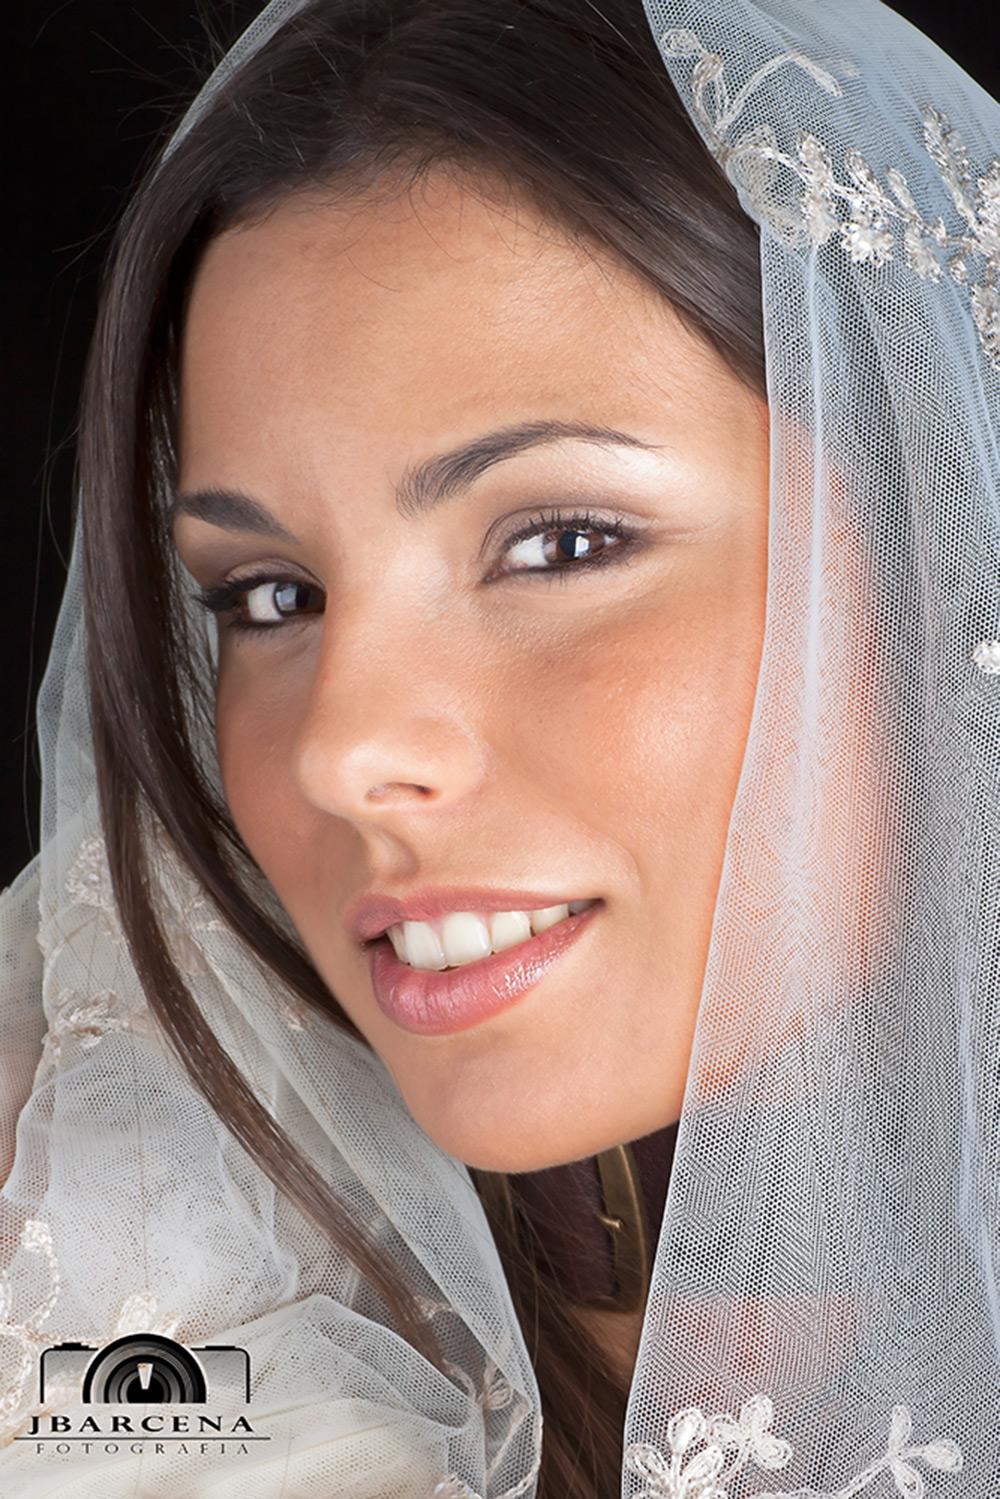 Laura Izco (Foto por JBarcena)